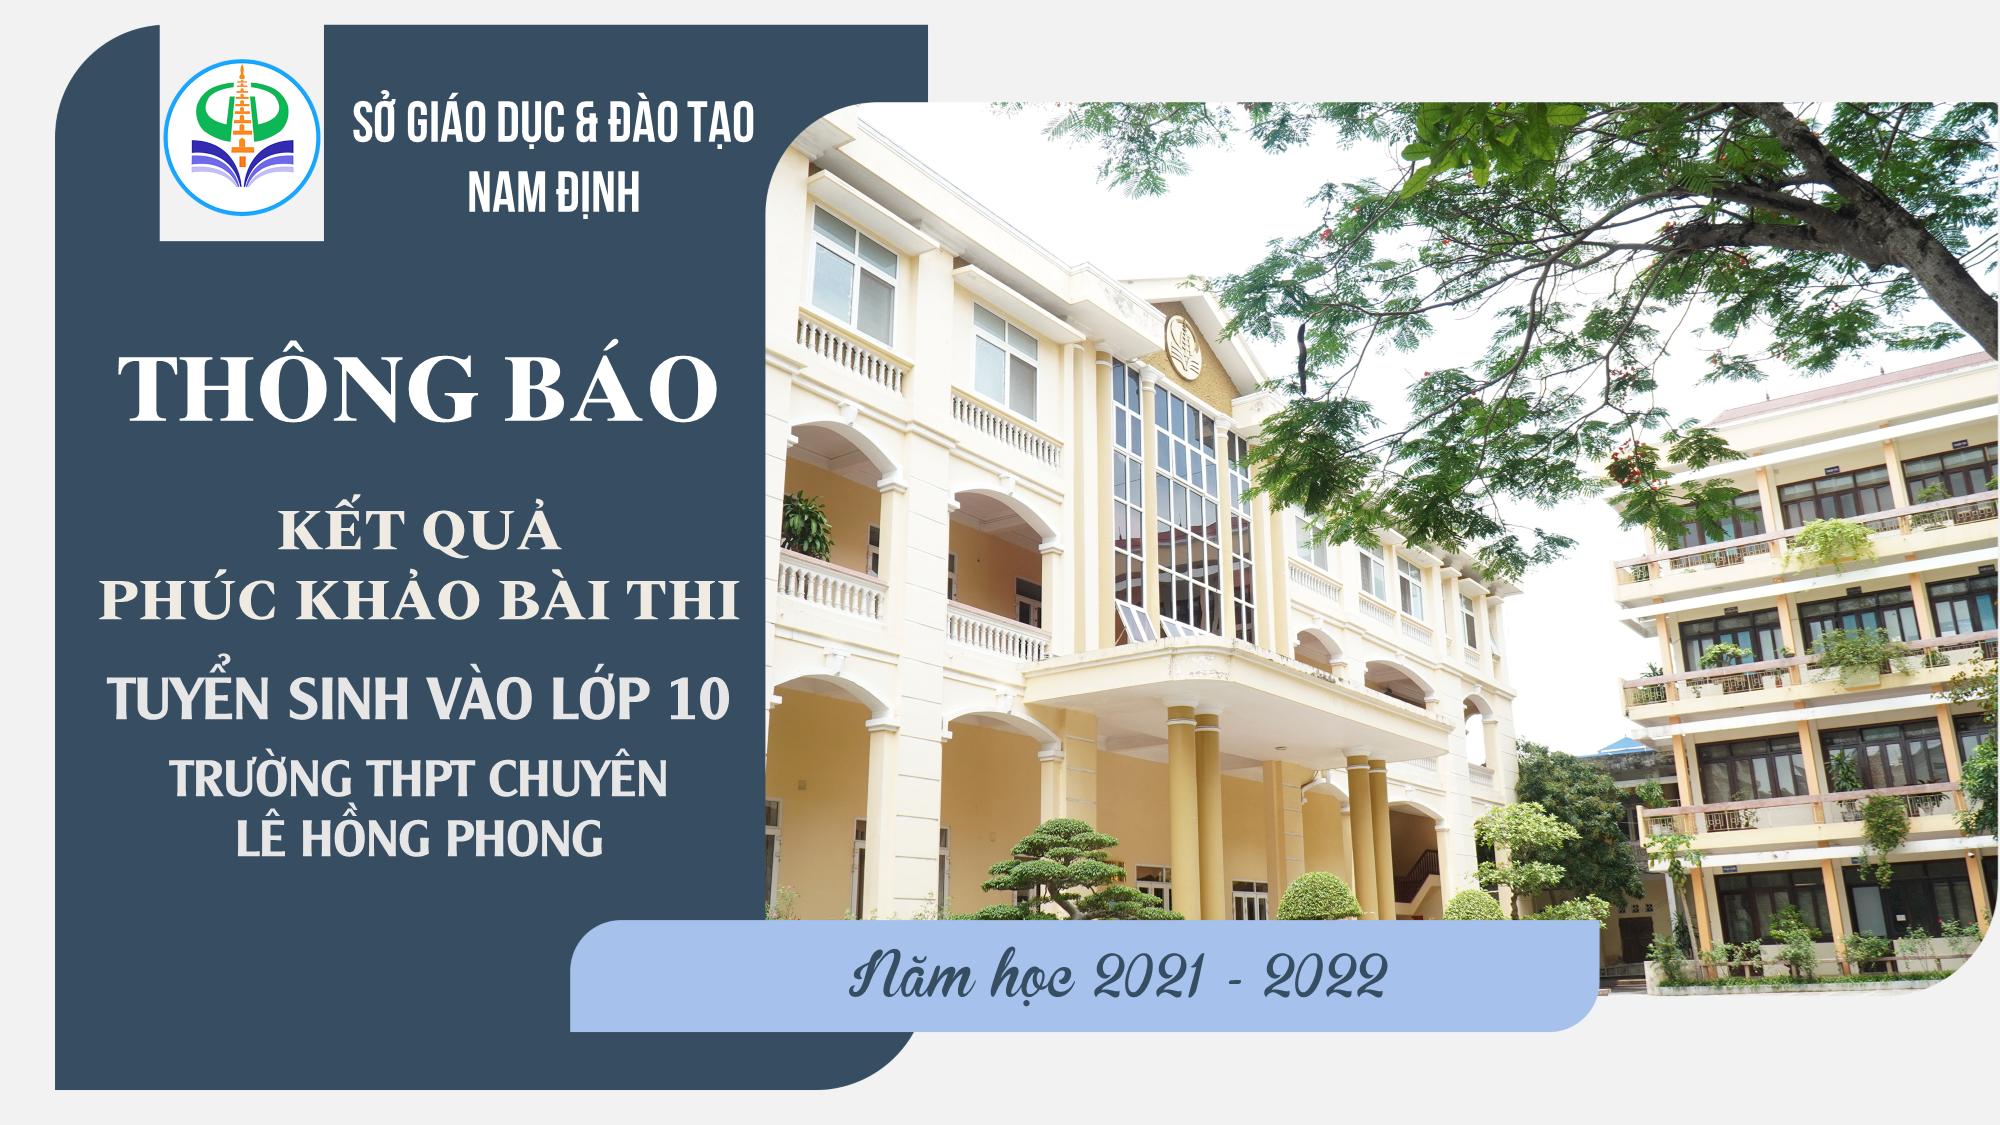 Kết quả phúc khảo bài thi tuyển sinh vào lớp 10 trường THPT chuyên Lê Hồng Phong năm học 2021 - 2022